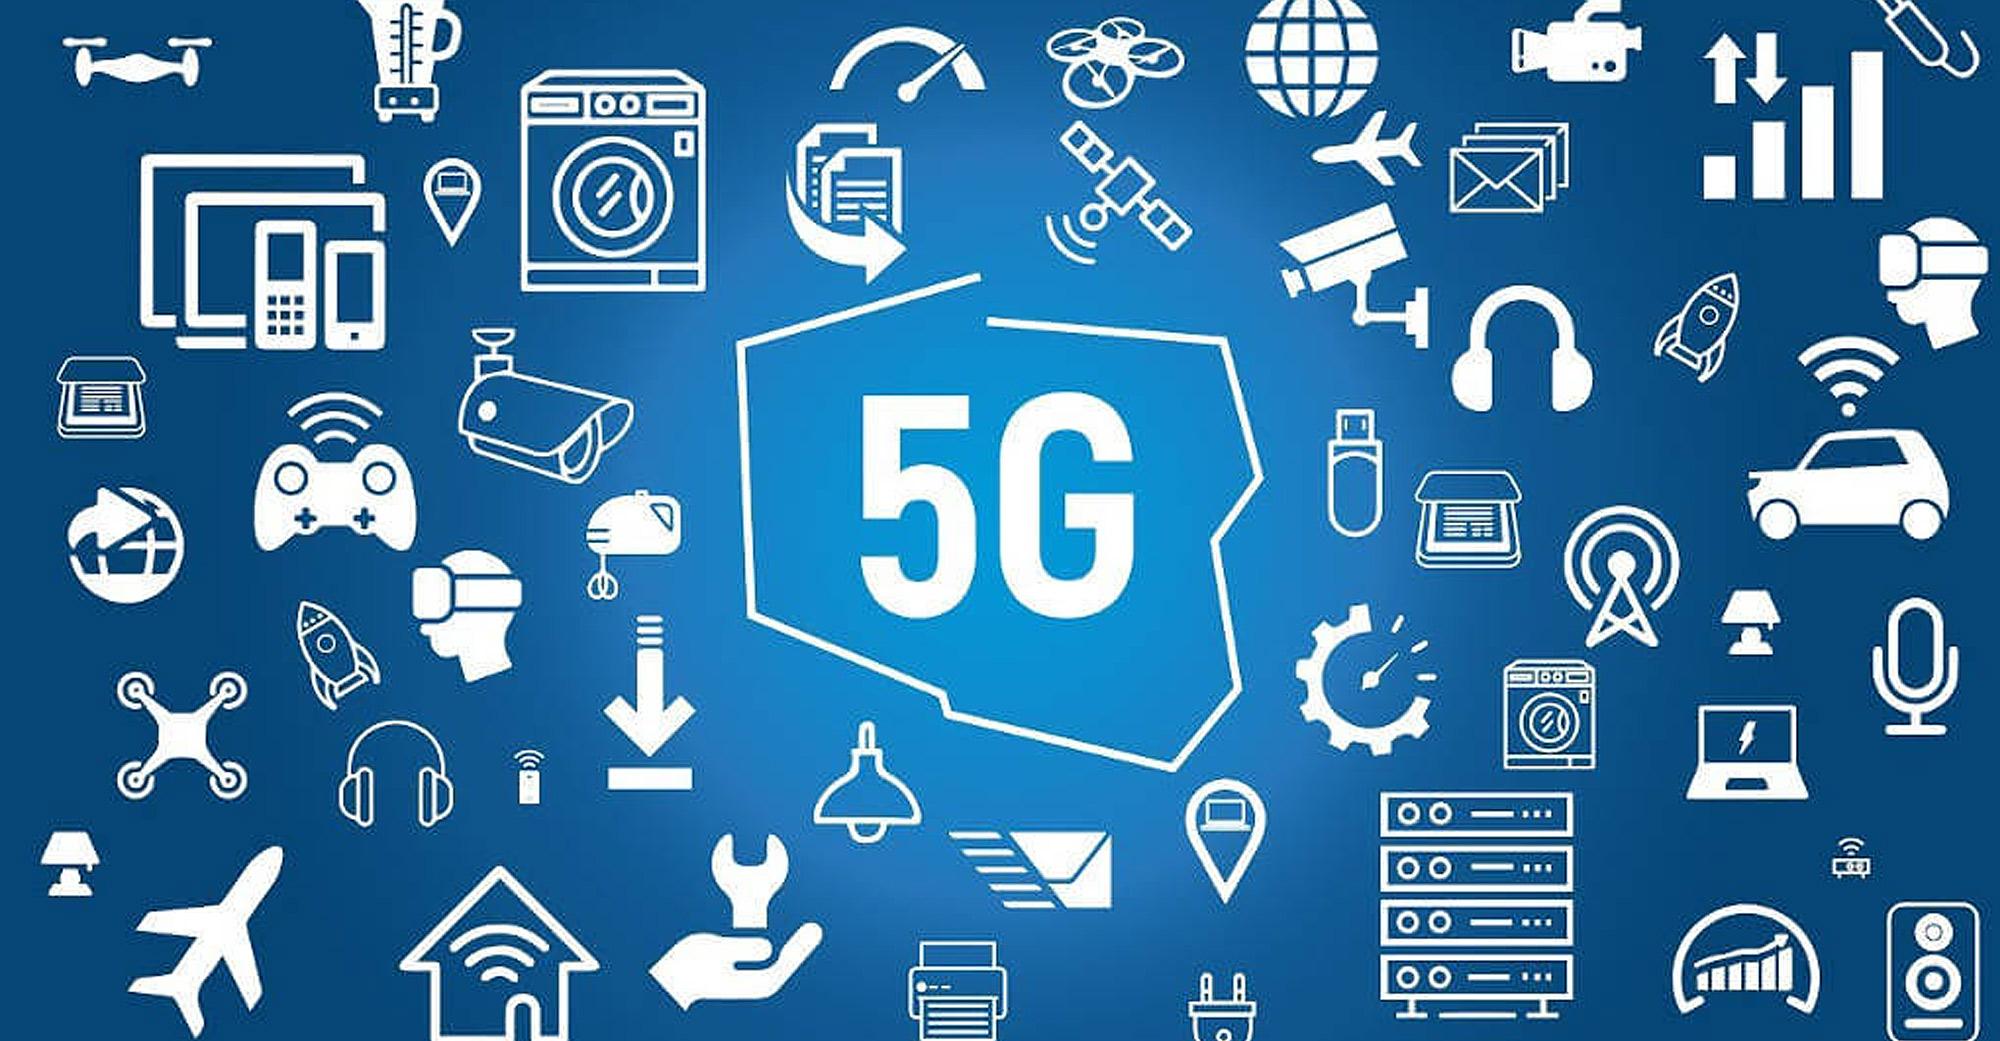 صورة ابل تخطط لإطلاق رقاقة 5G في هواتف الأيفون وأجهزة الآيباد الشركة في 2022